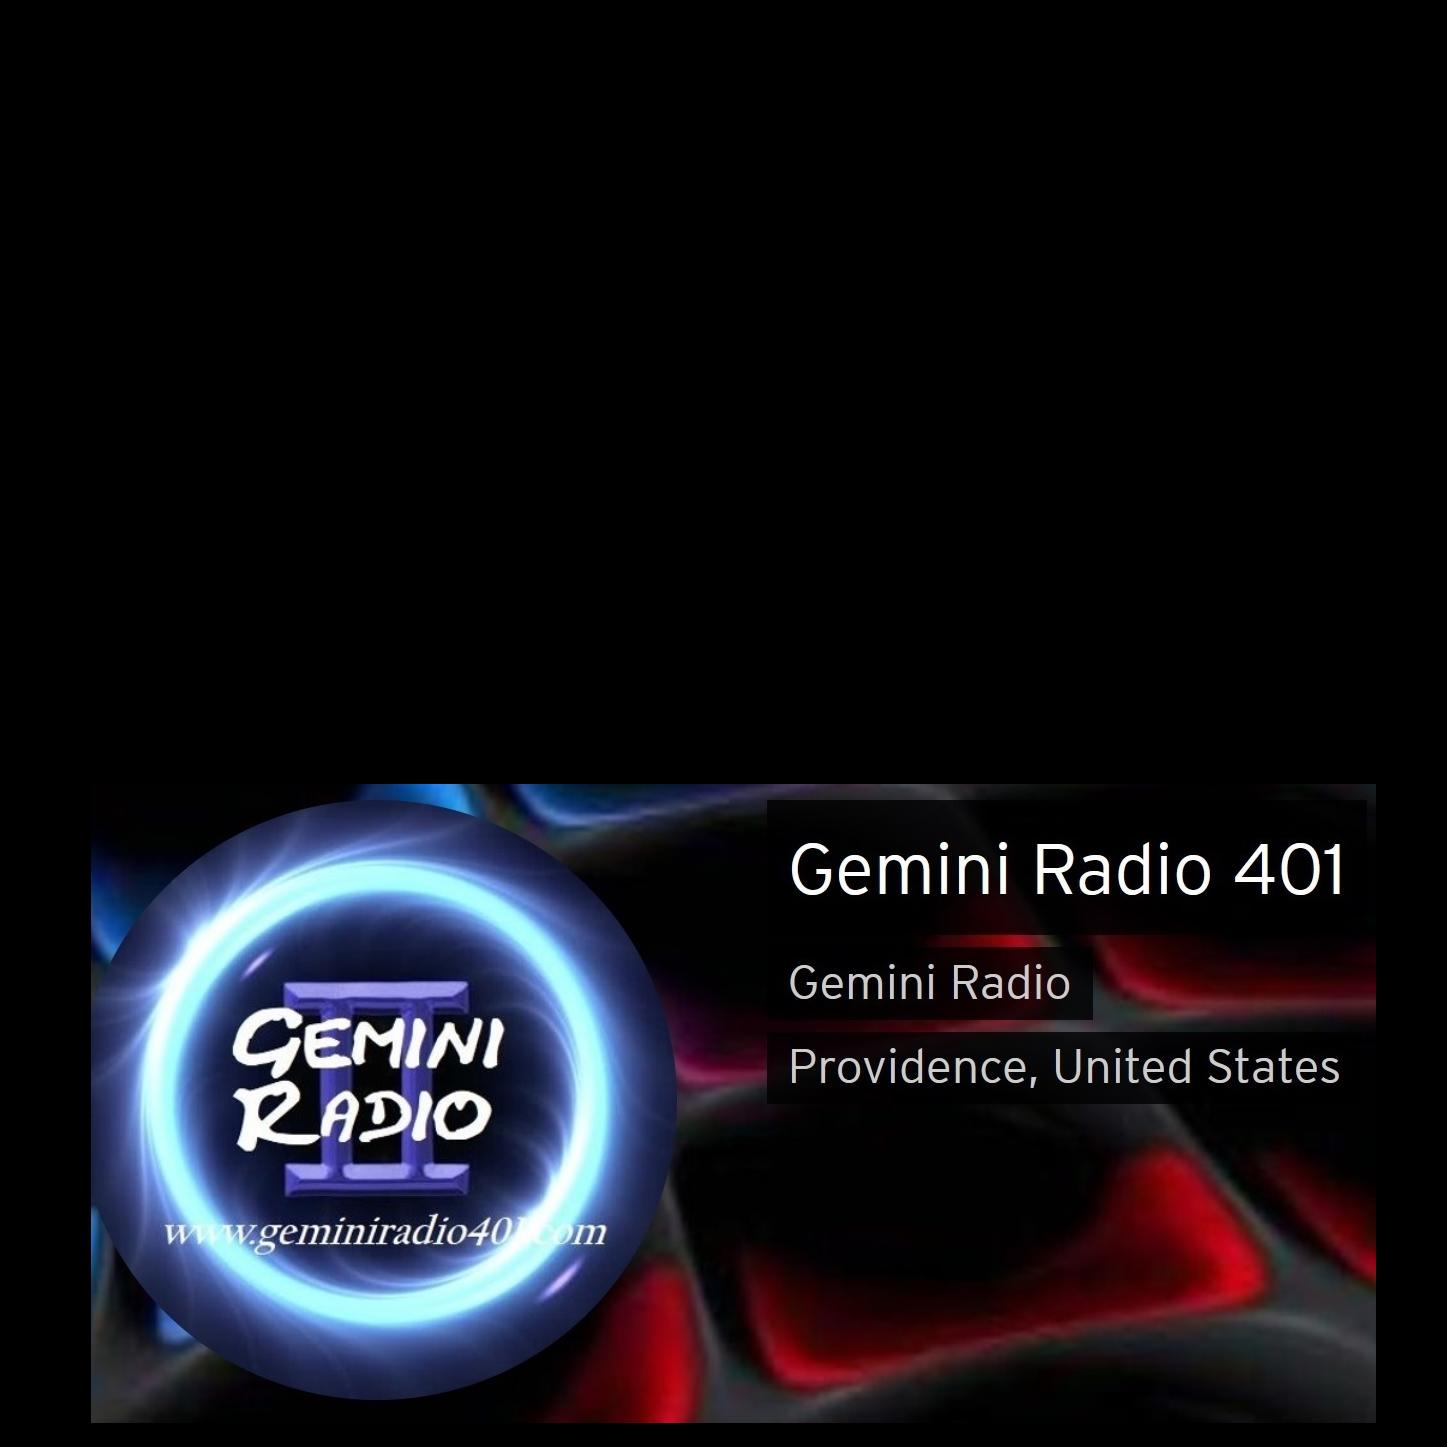 Gemini Radio